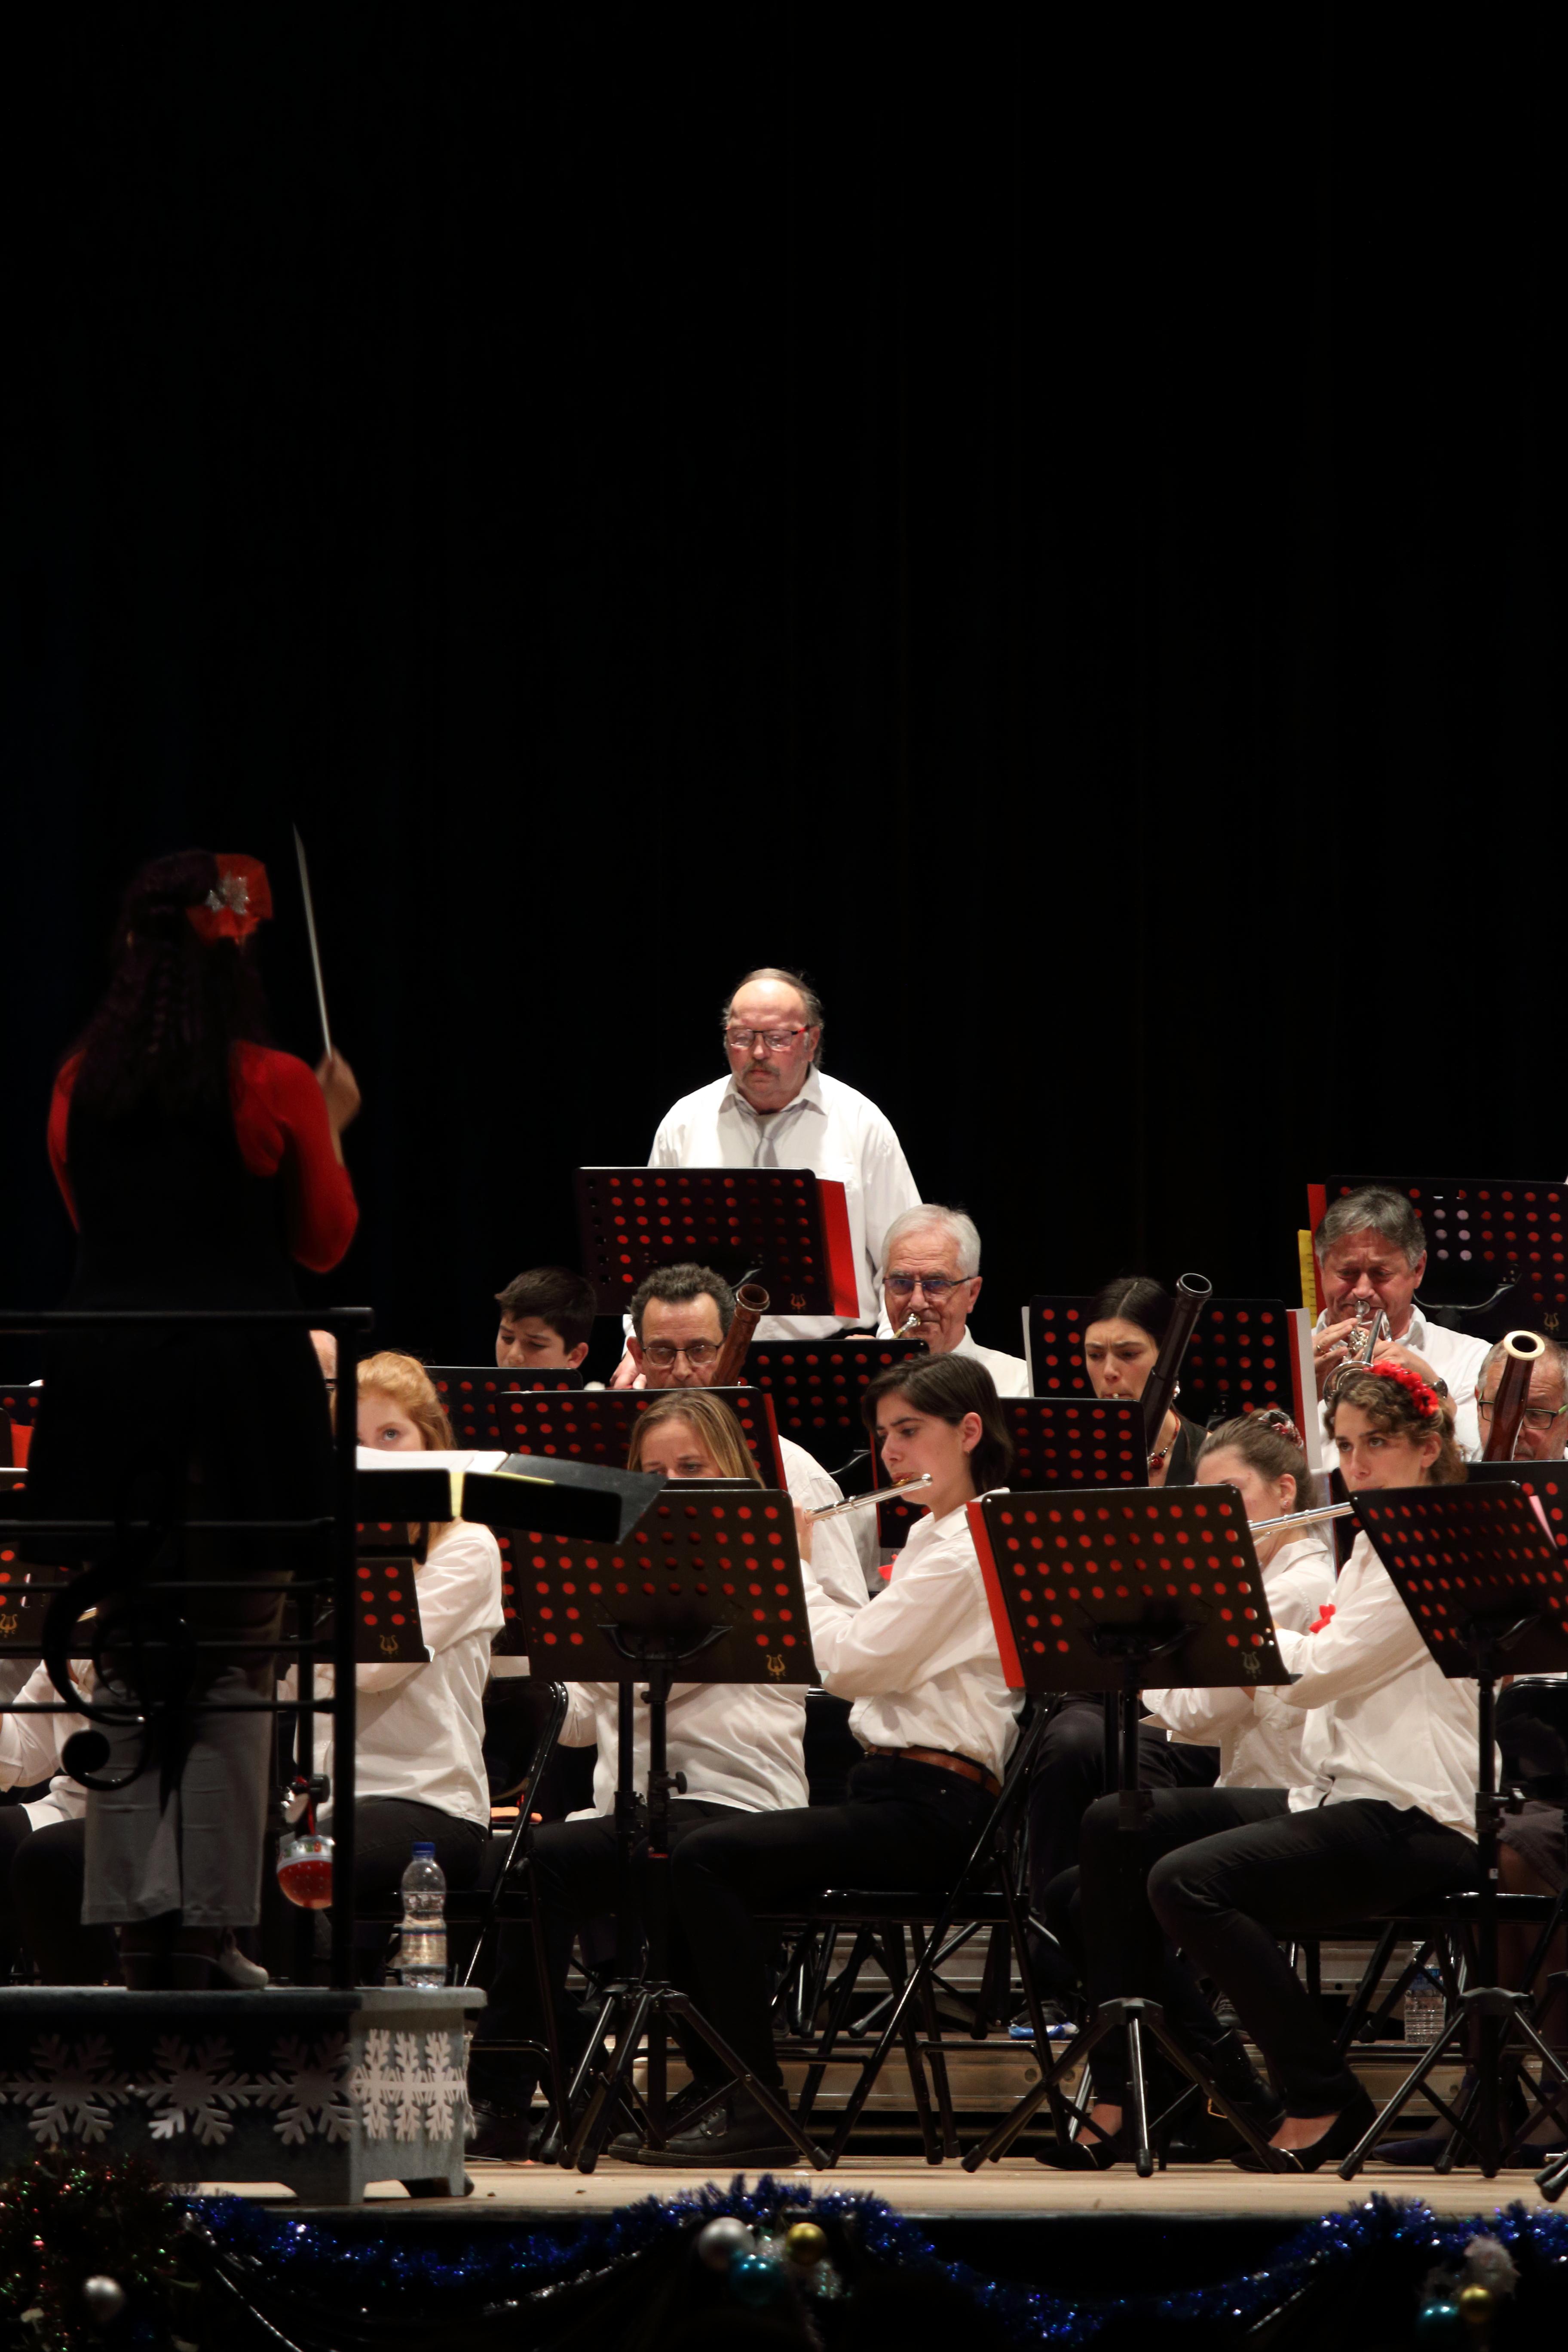 Harmonie Sainte-Cécile